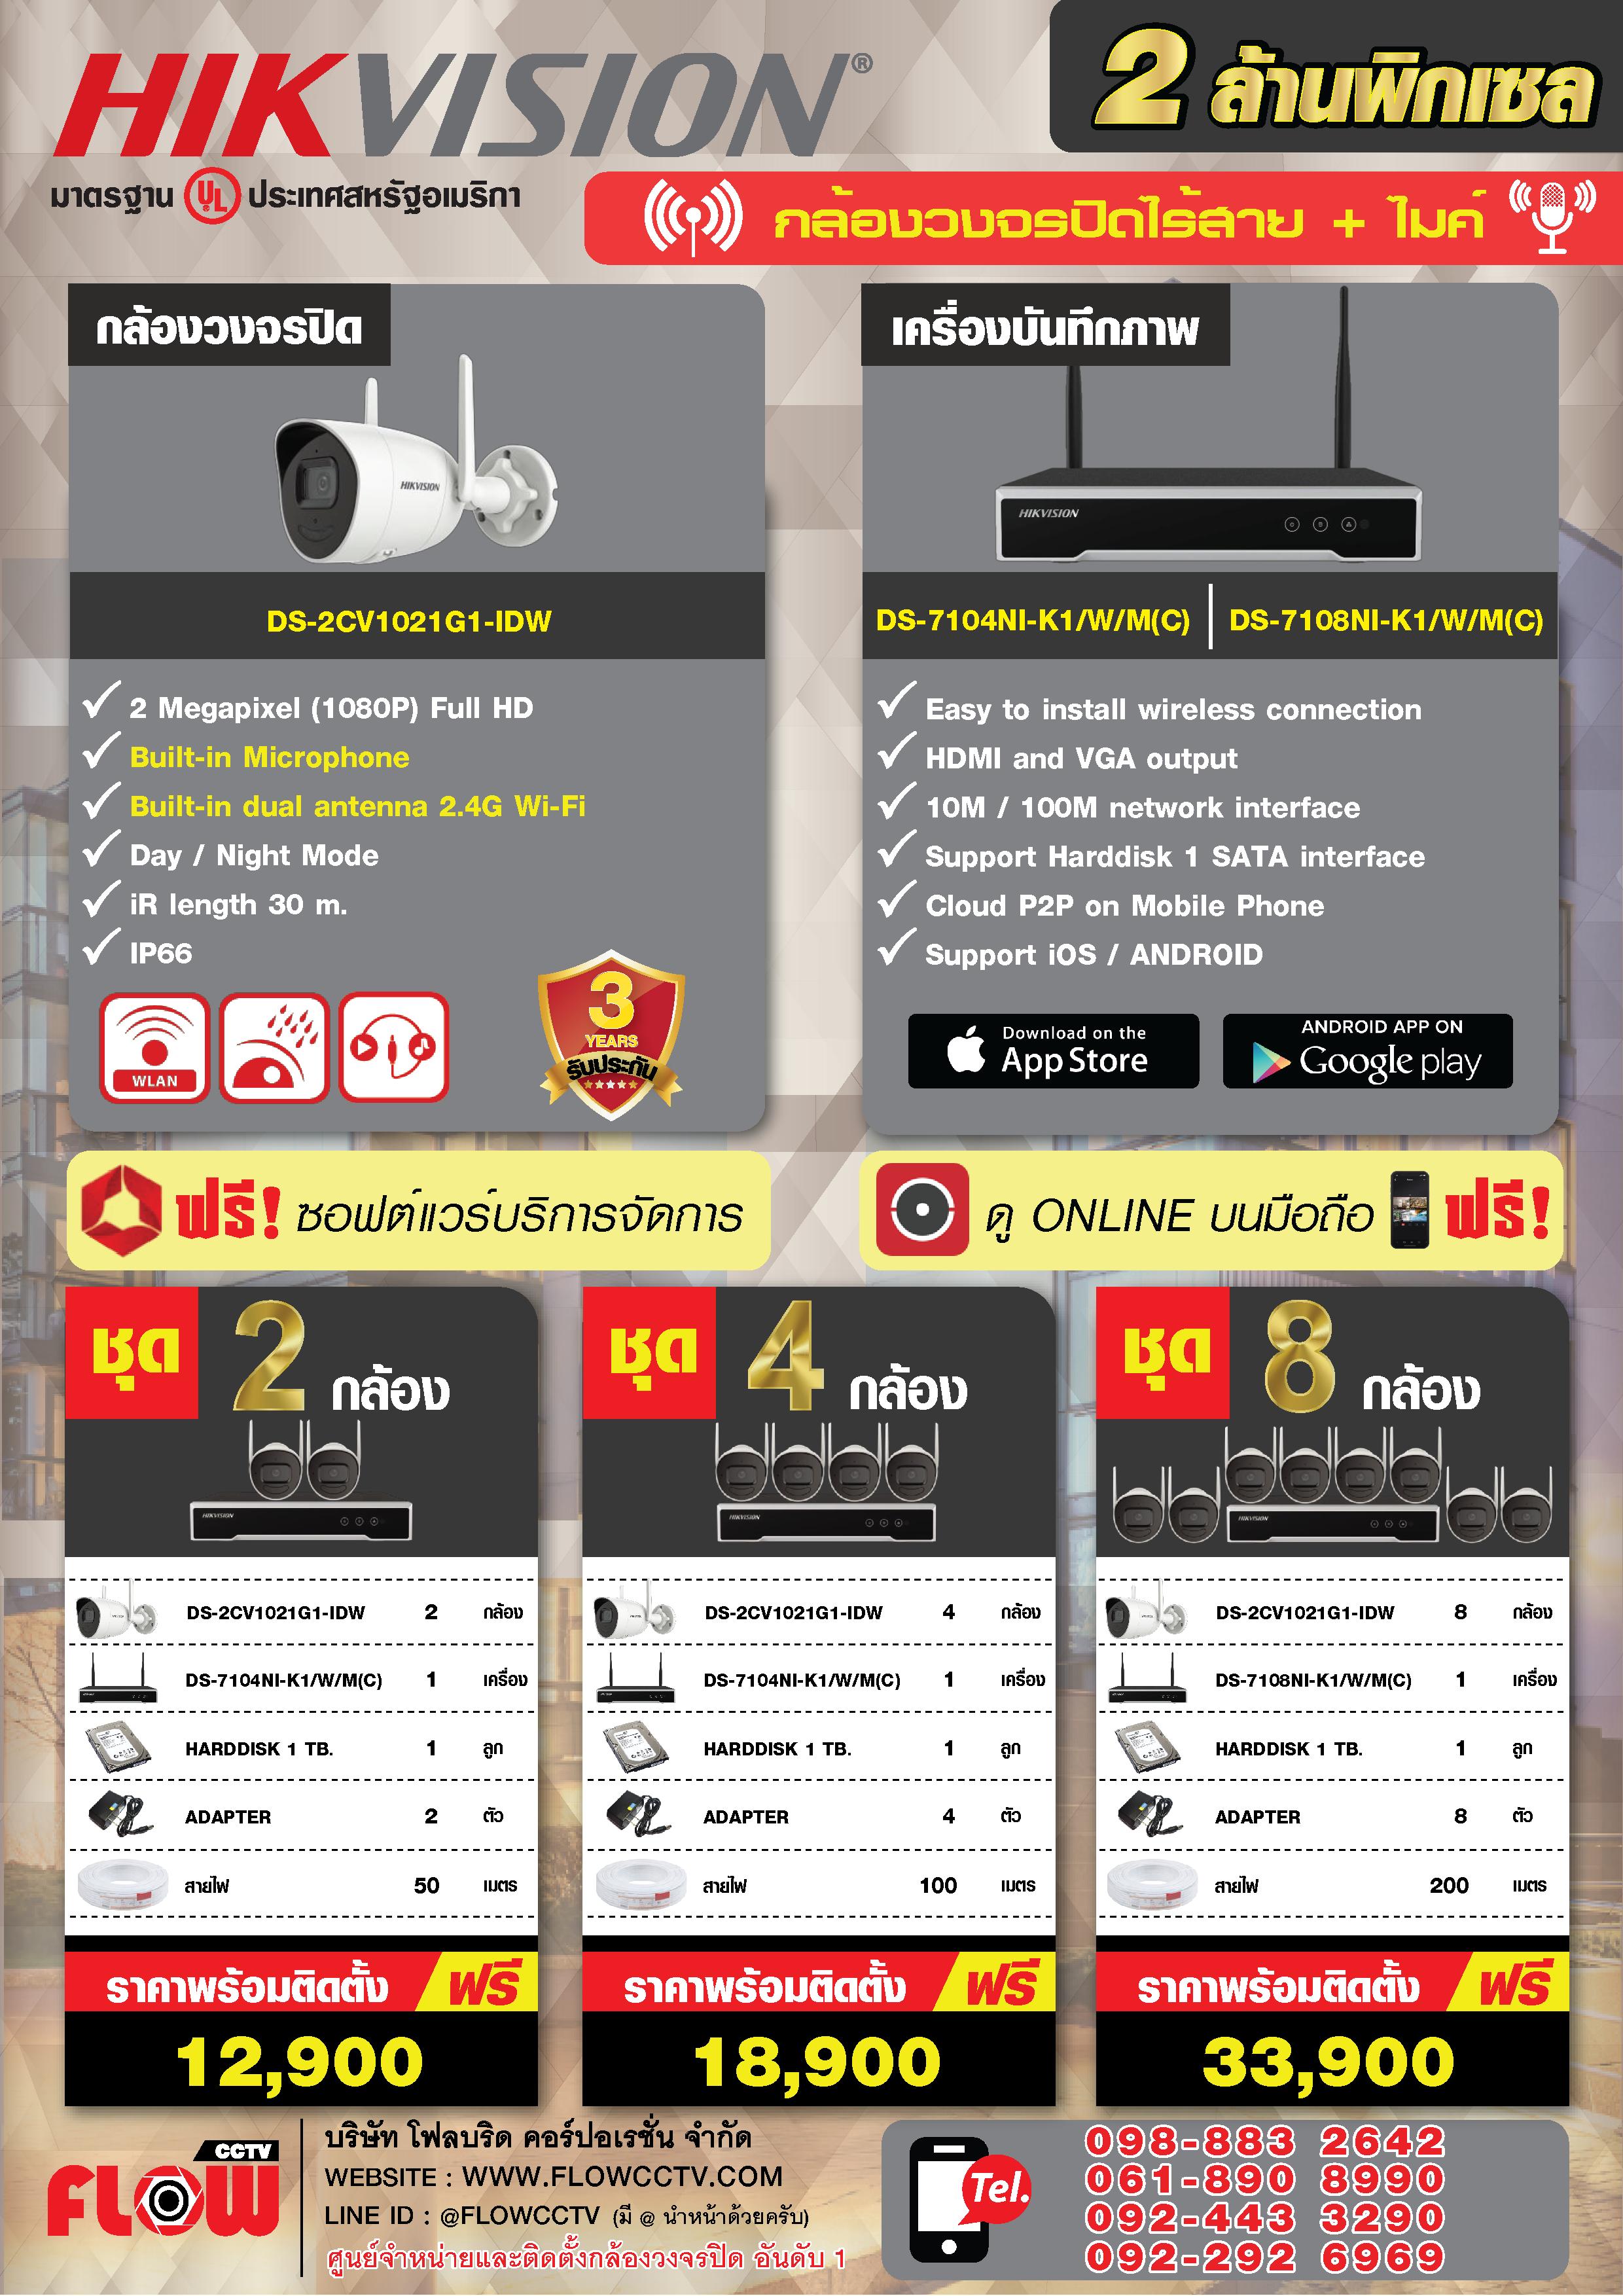 กล้องวงจรปิด 2 ล้านพิกเซล HIKVISION Wifi+Mic Built-in